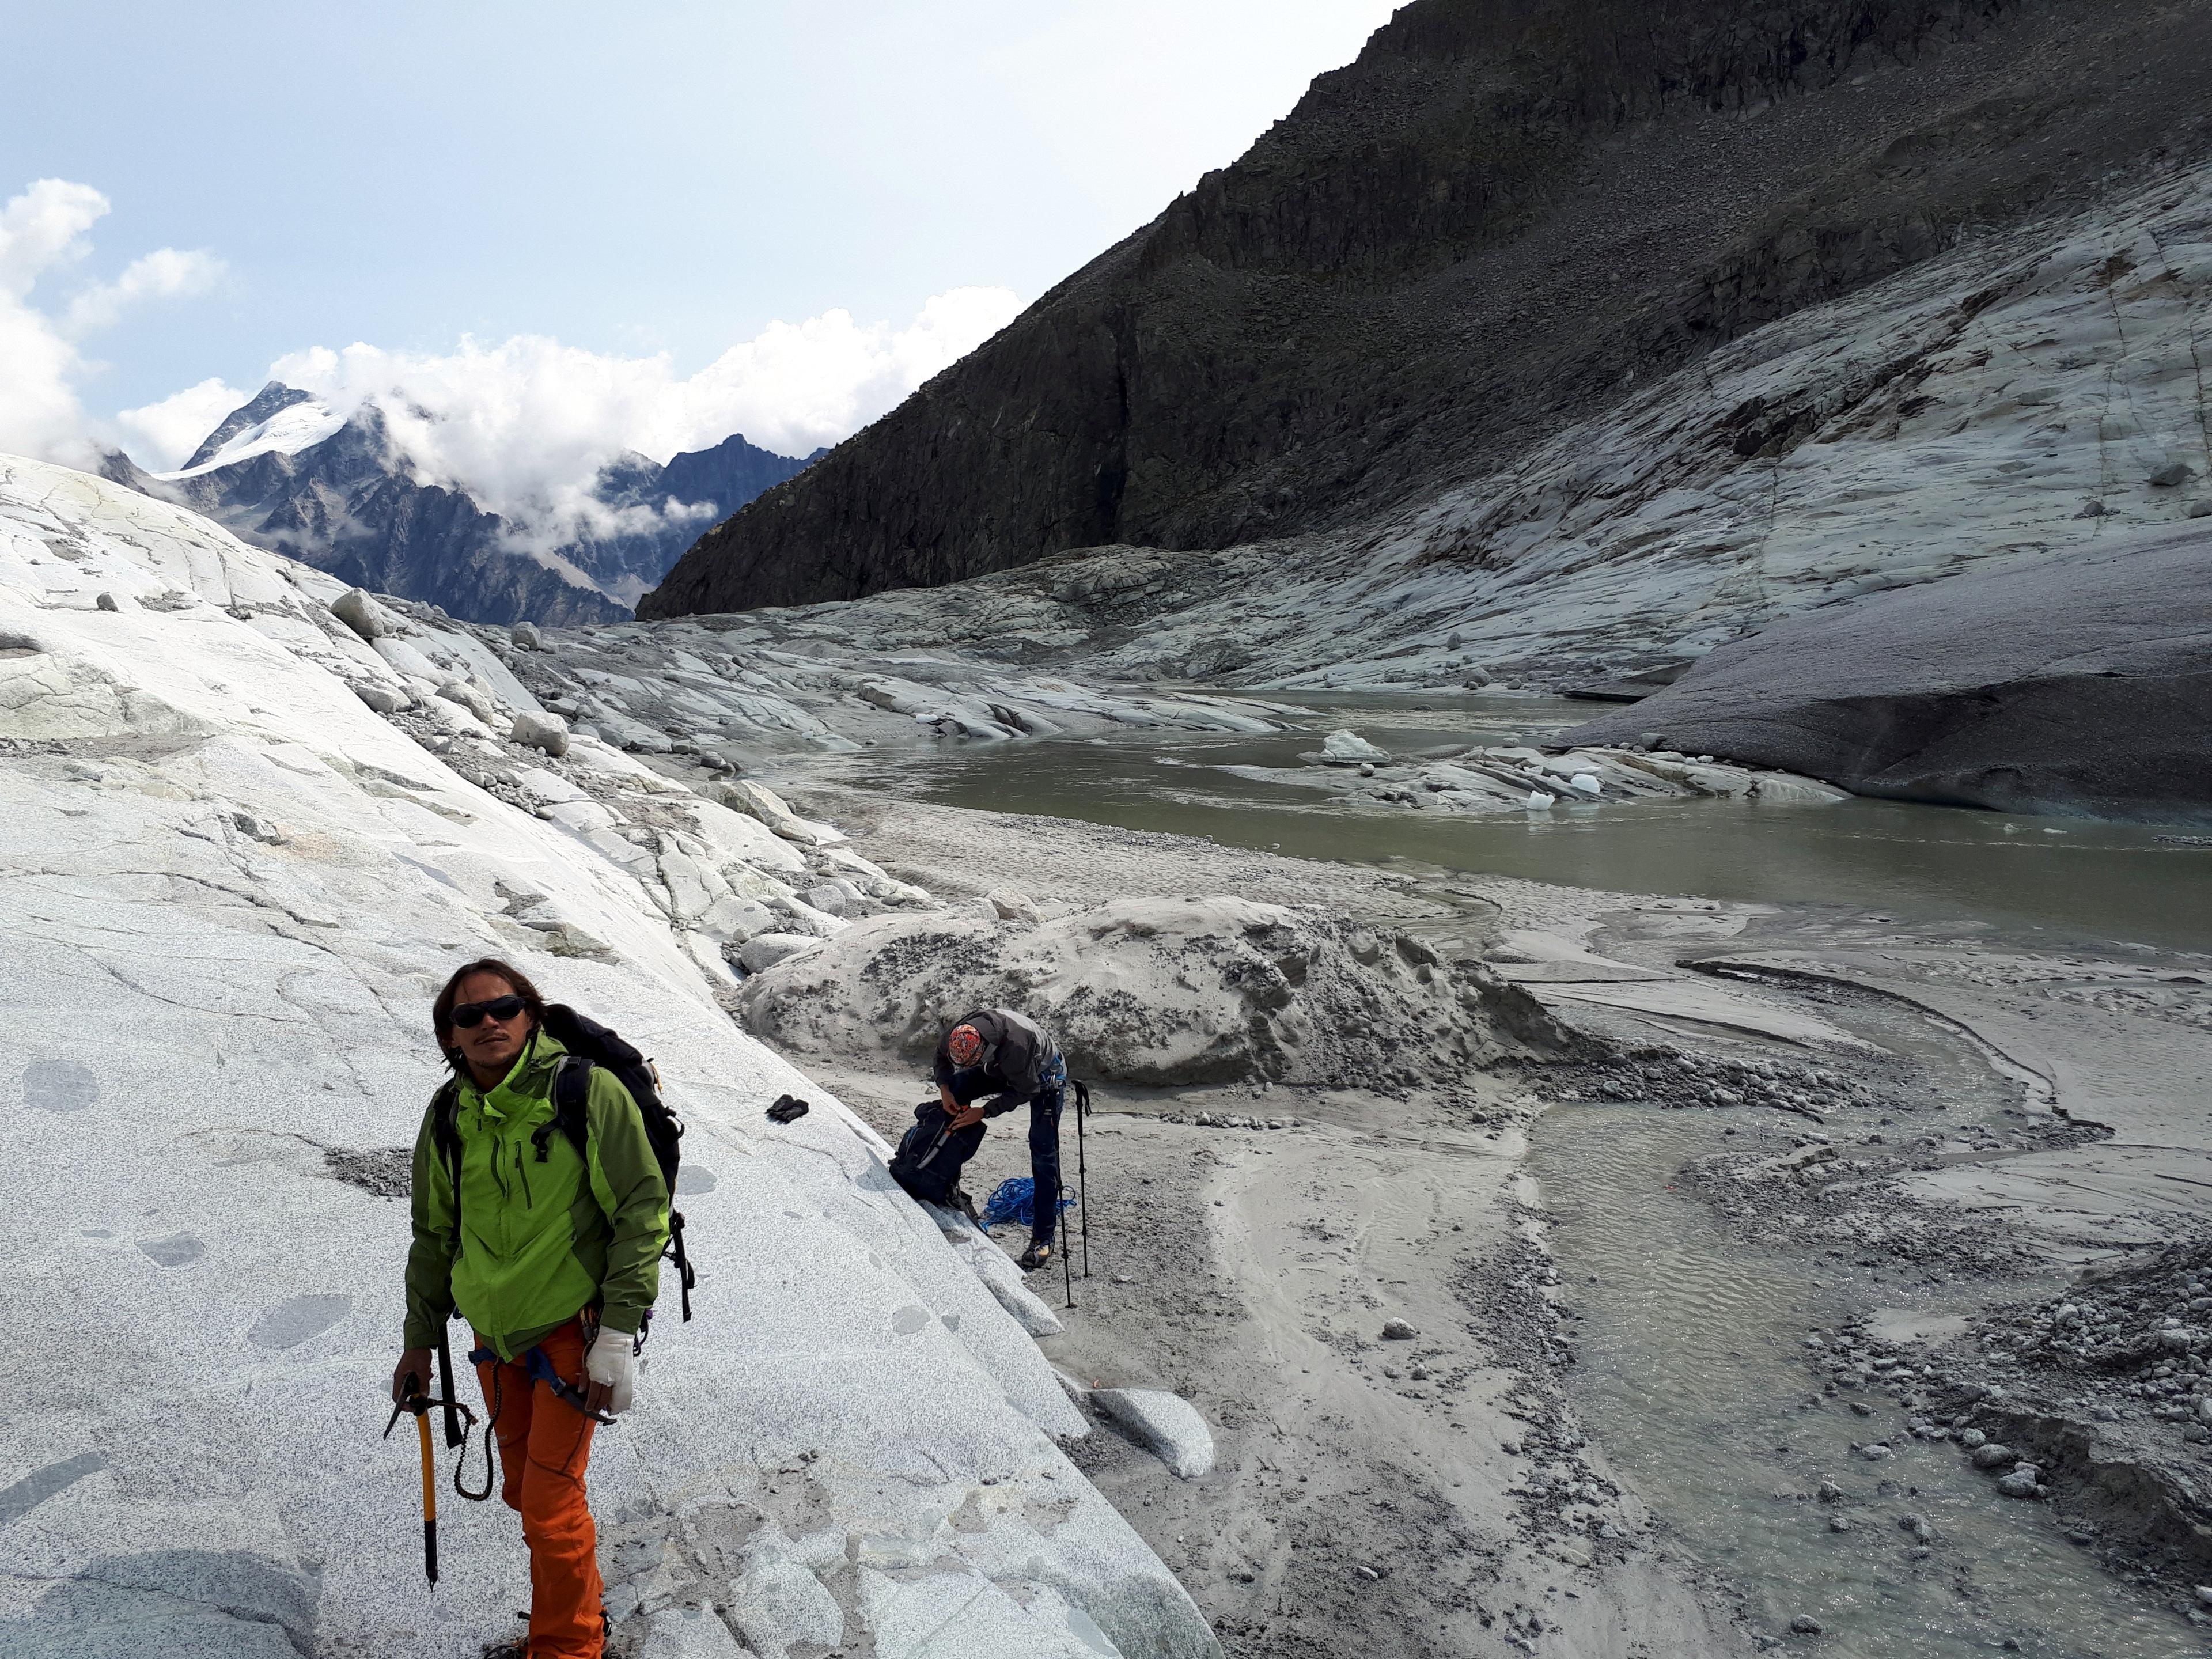 pronti per la traversata del ghiacciaio? picca, ramponi, corda...